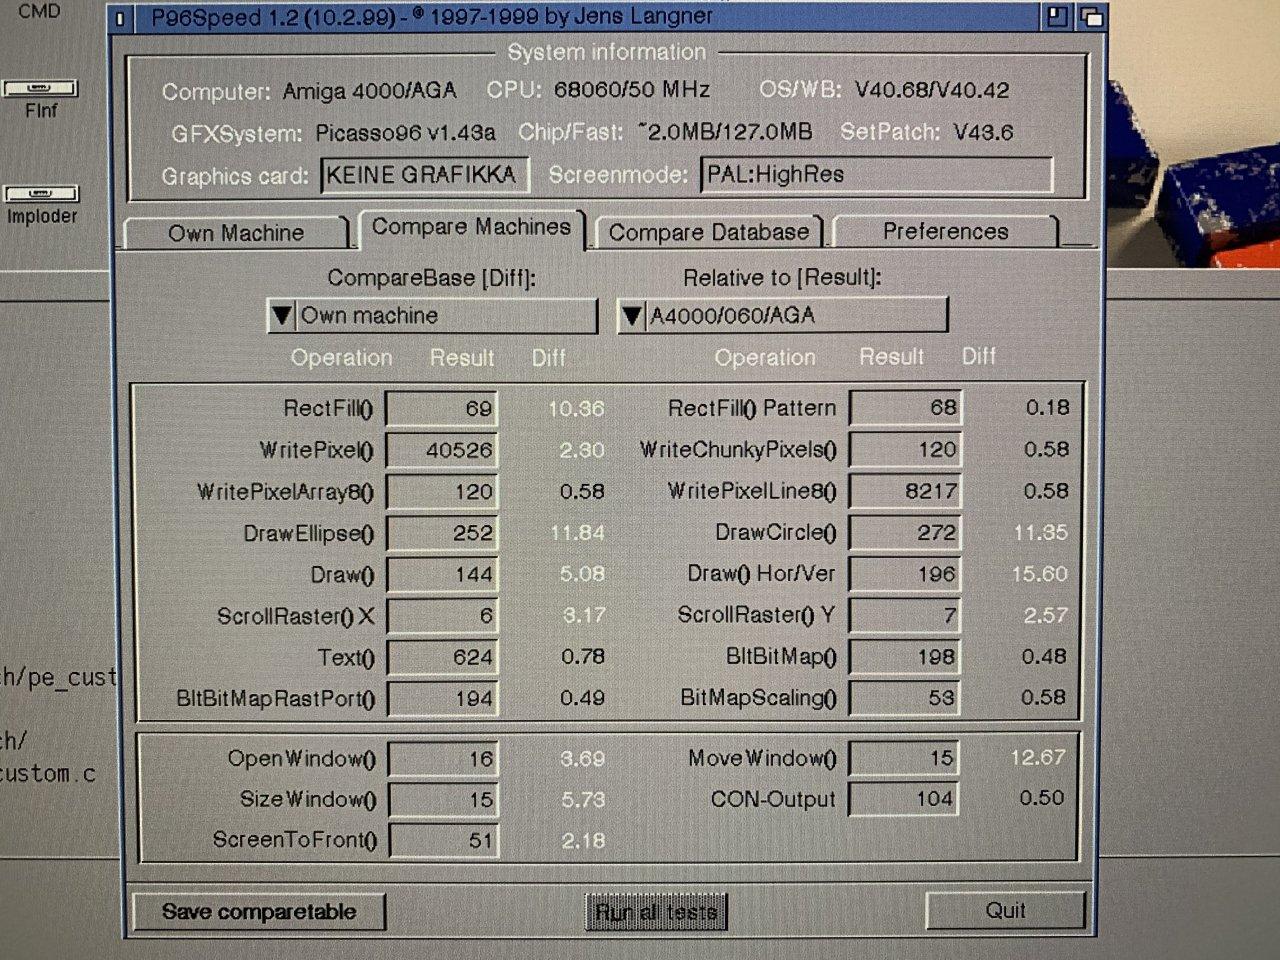 Klikněte na obrázek pro zobrazení větší verze  Název: C513B9D9-B0D9-47E7-8845-711A9CAD622E.jpeg Zobrazeno: 56 Velikost: 325,9 KB ID: 9626